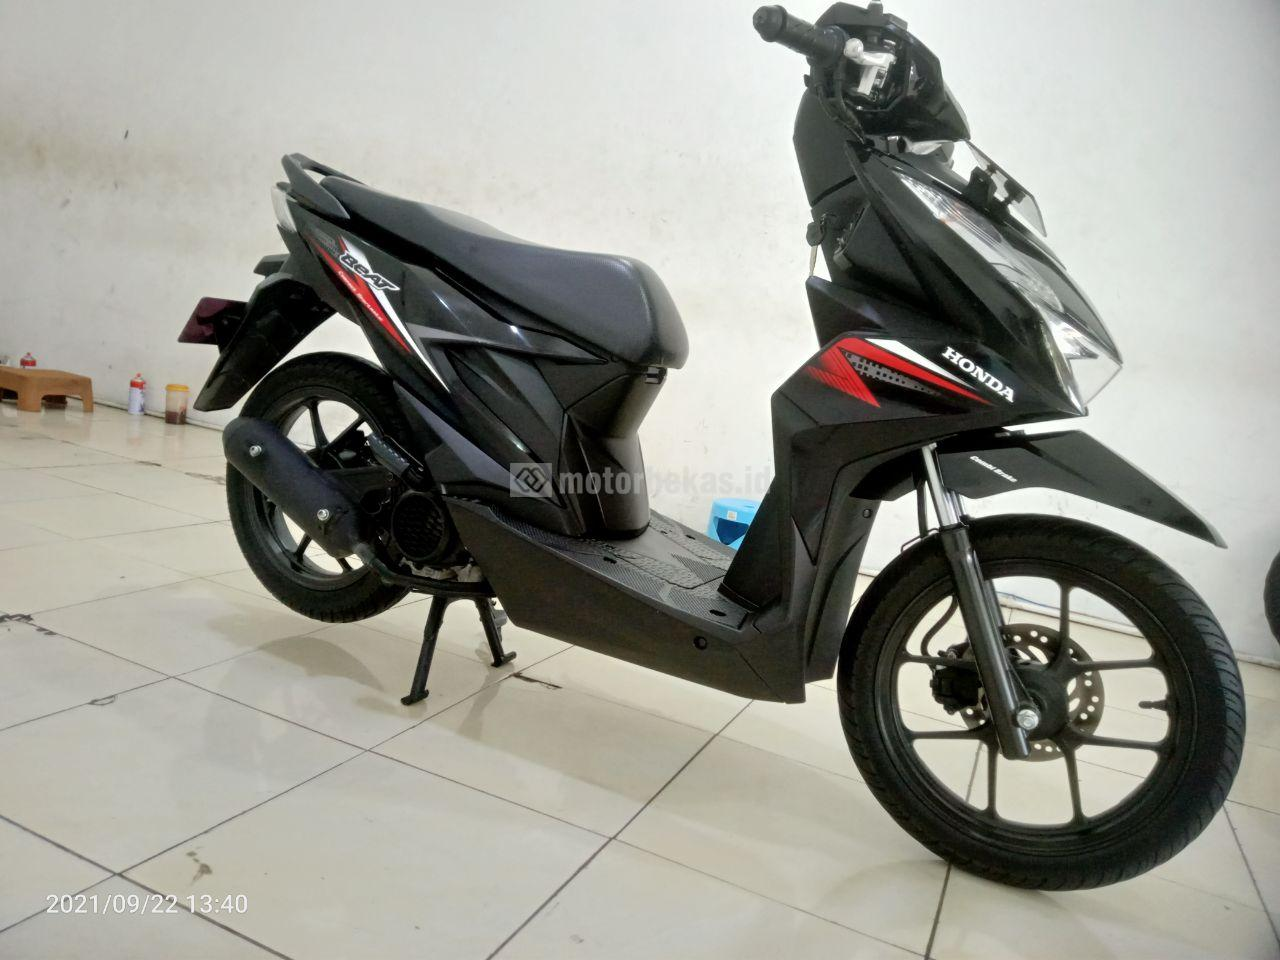 HONDA BEAT FI 2021 motorbekas.id